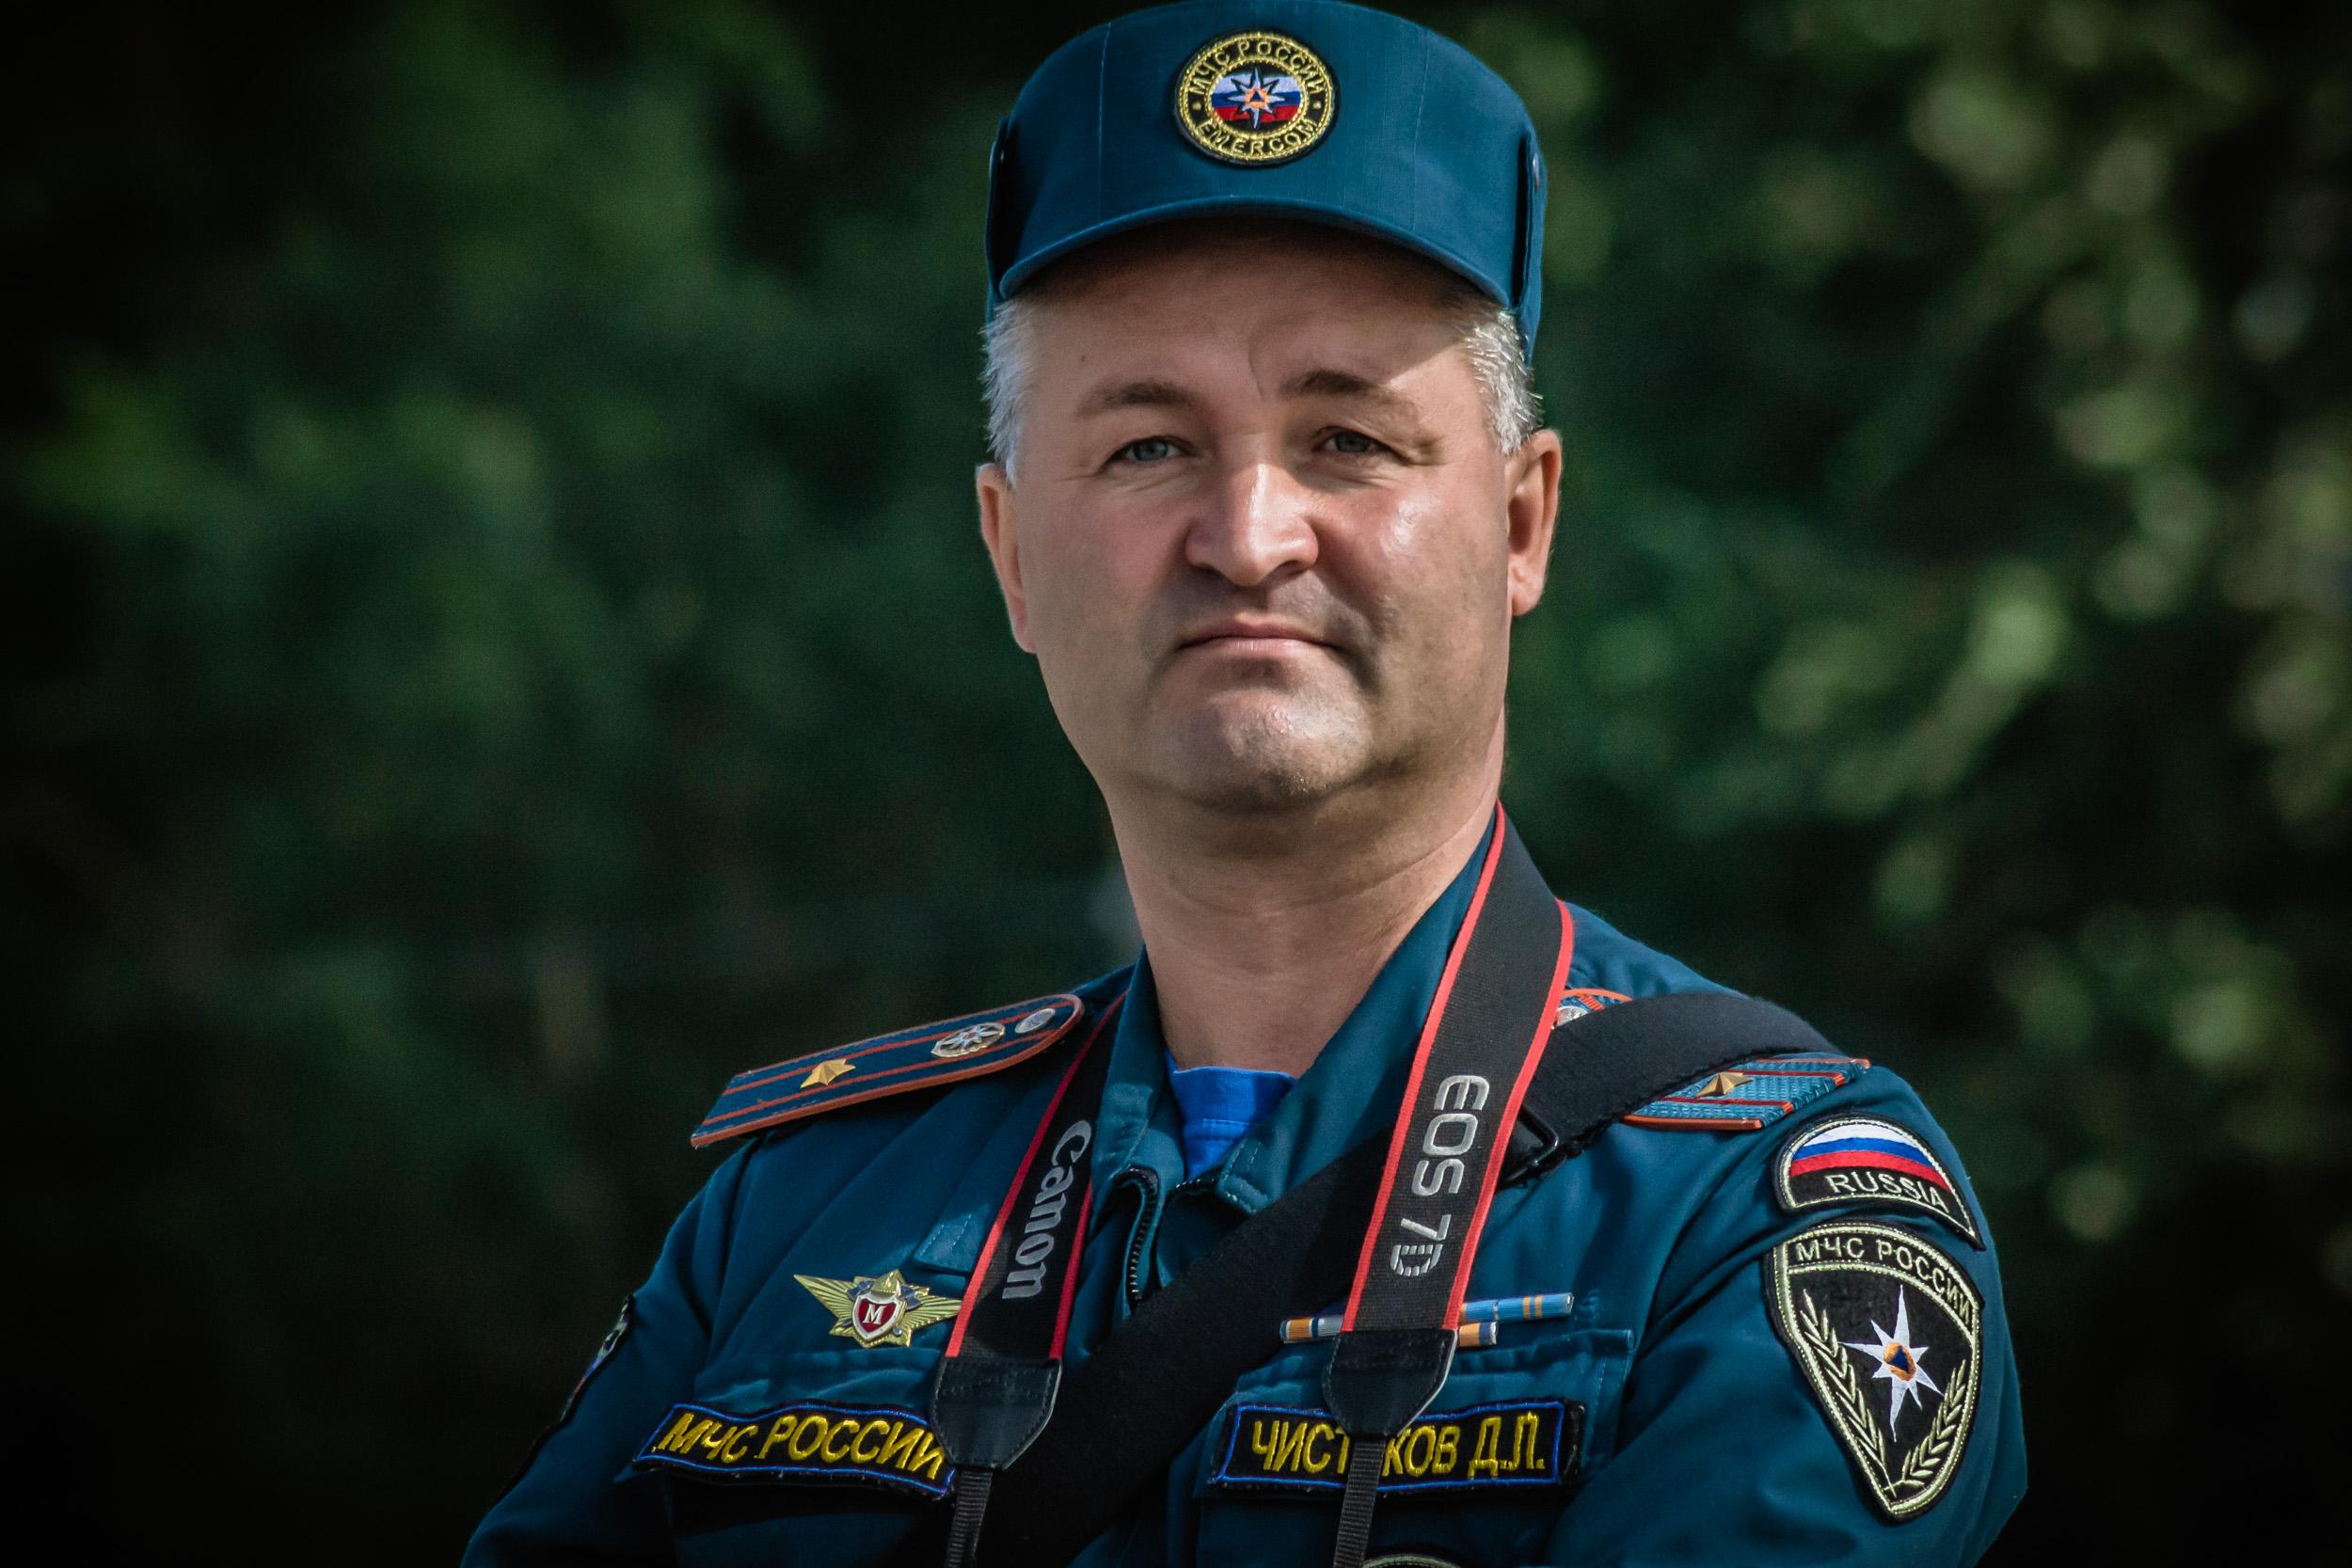 Чистяков Дмитрий Леонидович, майор, начальник пресс-службы МЧС Архангельской области